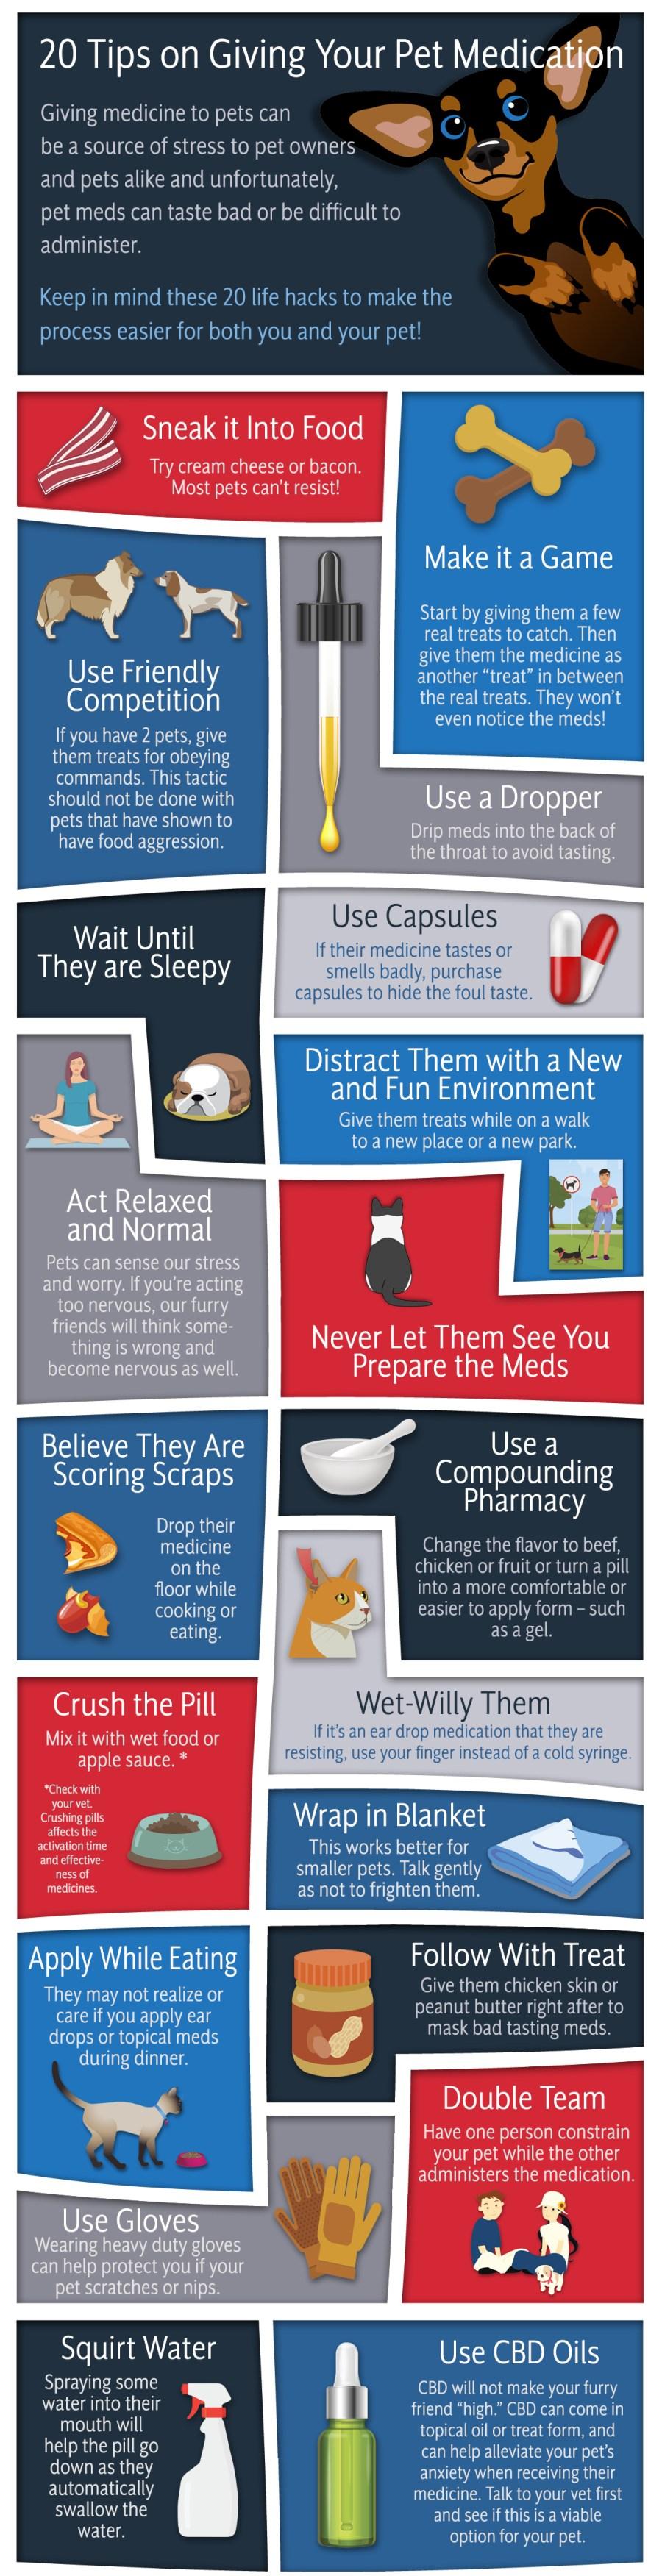 Pet Medication Tips